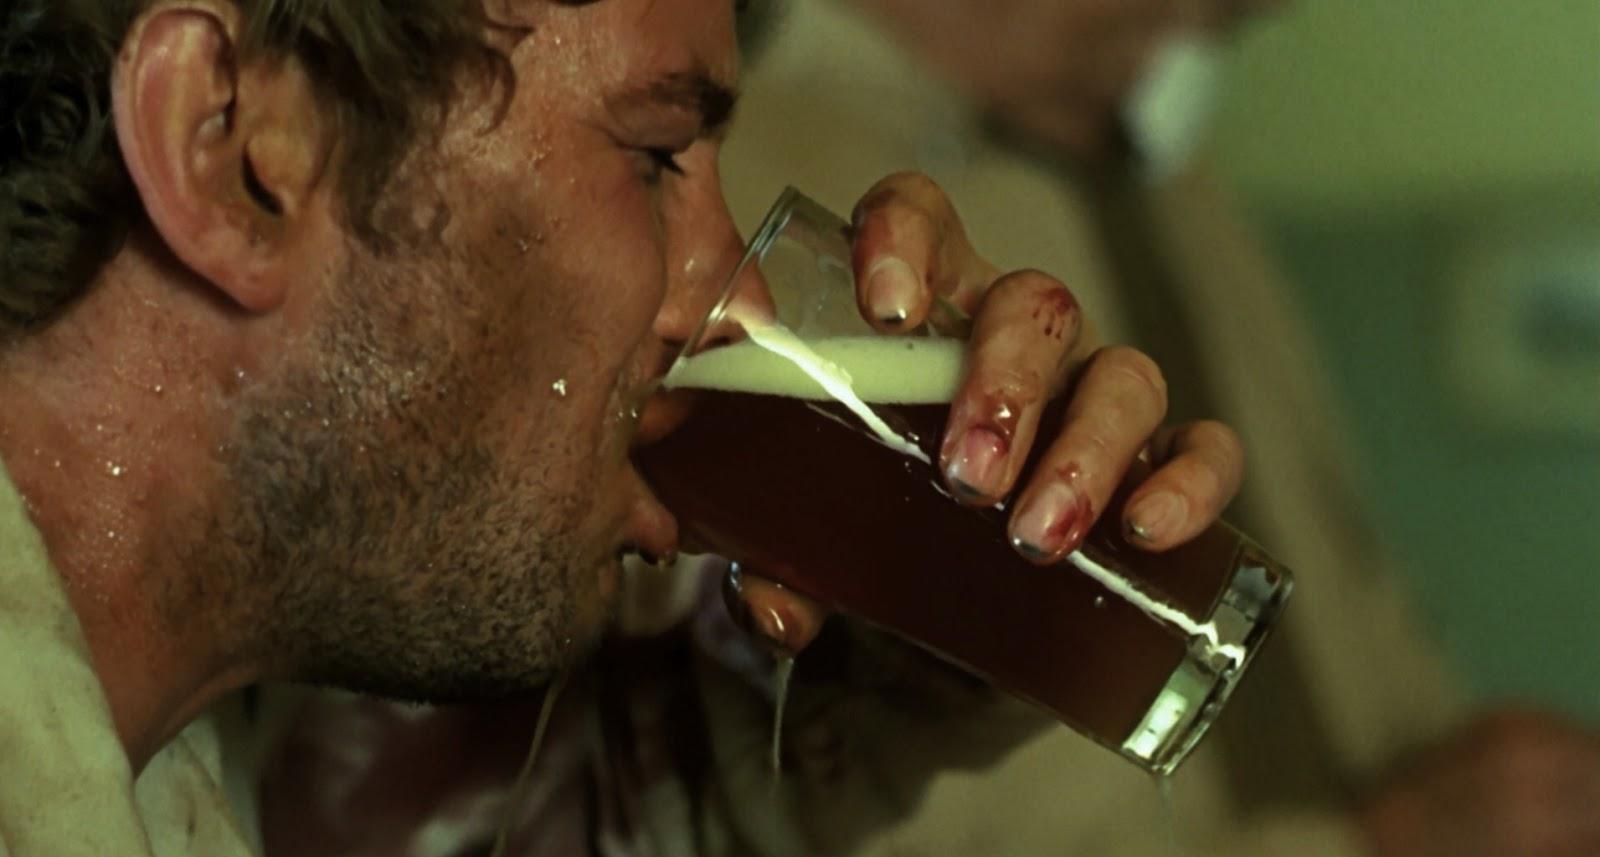 Spoutnik en plein air les films a boire reveil dans la terreur